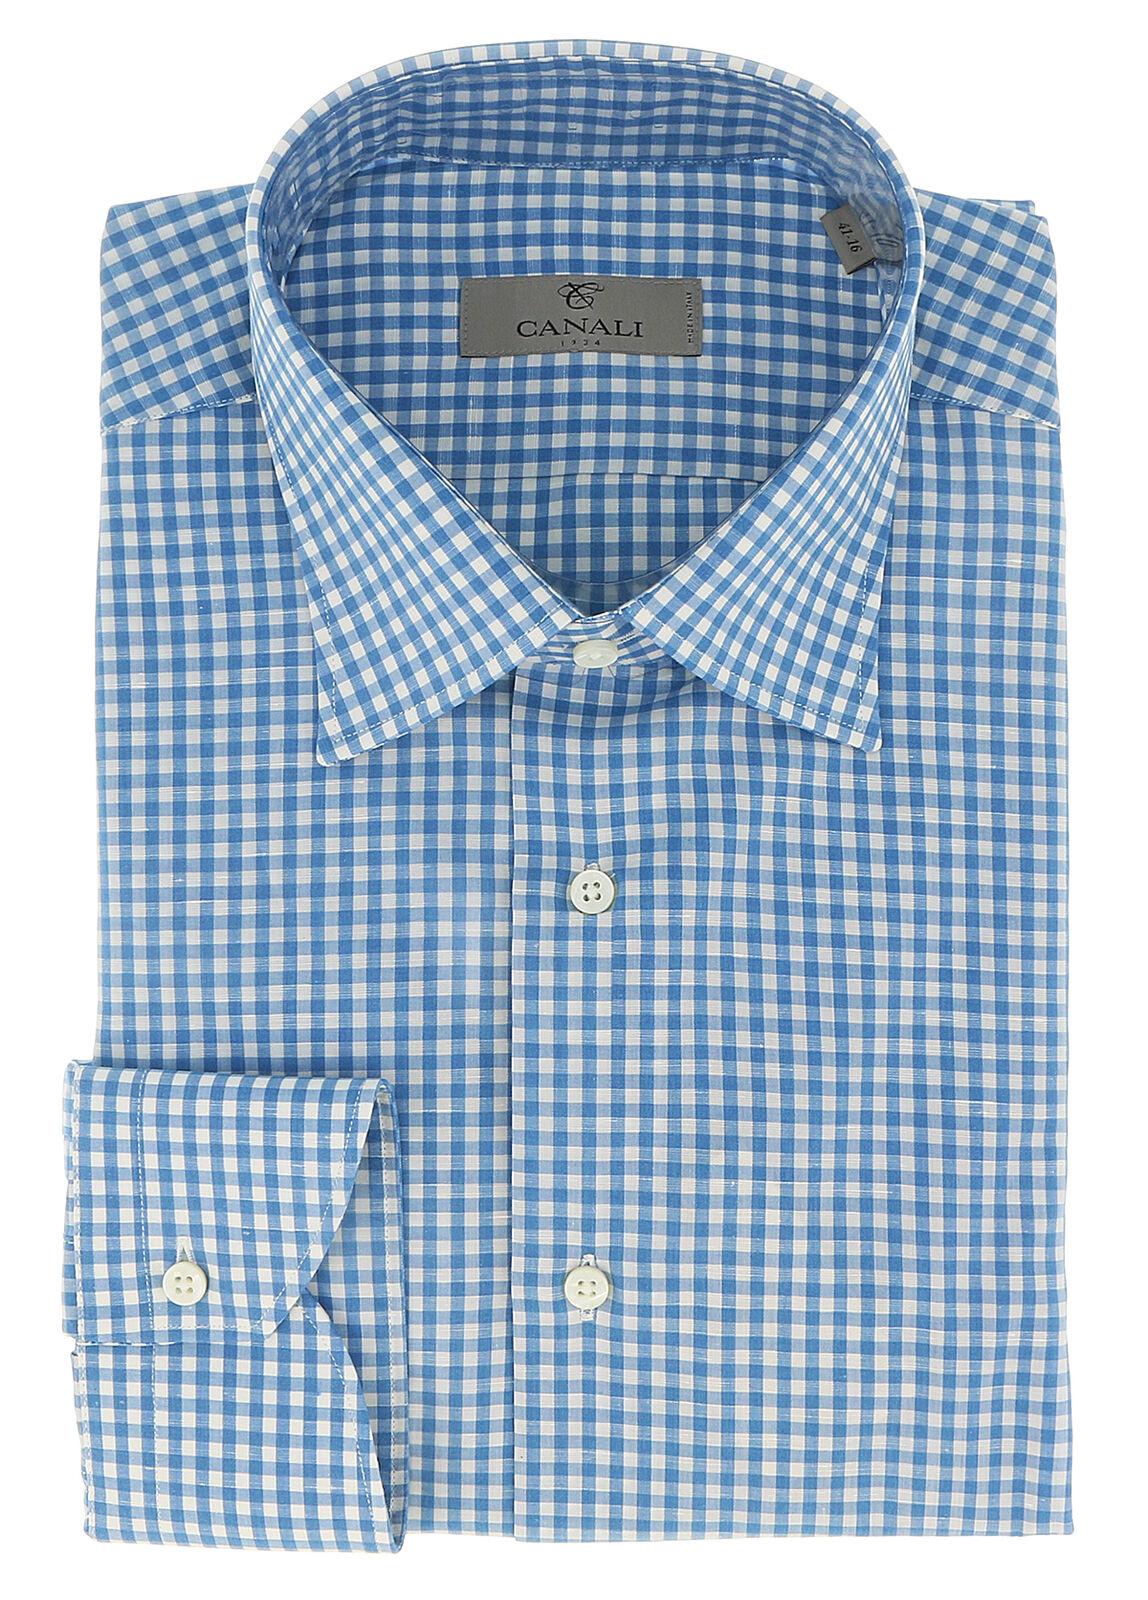 Klassische Shirts Hemden Cskt7d0d51238 Formal Canali Blau Gingham 5ASLcRj34q